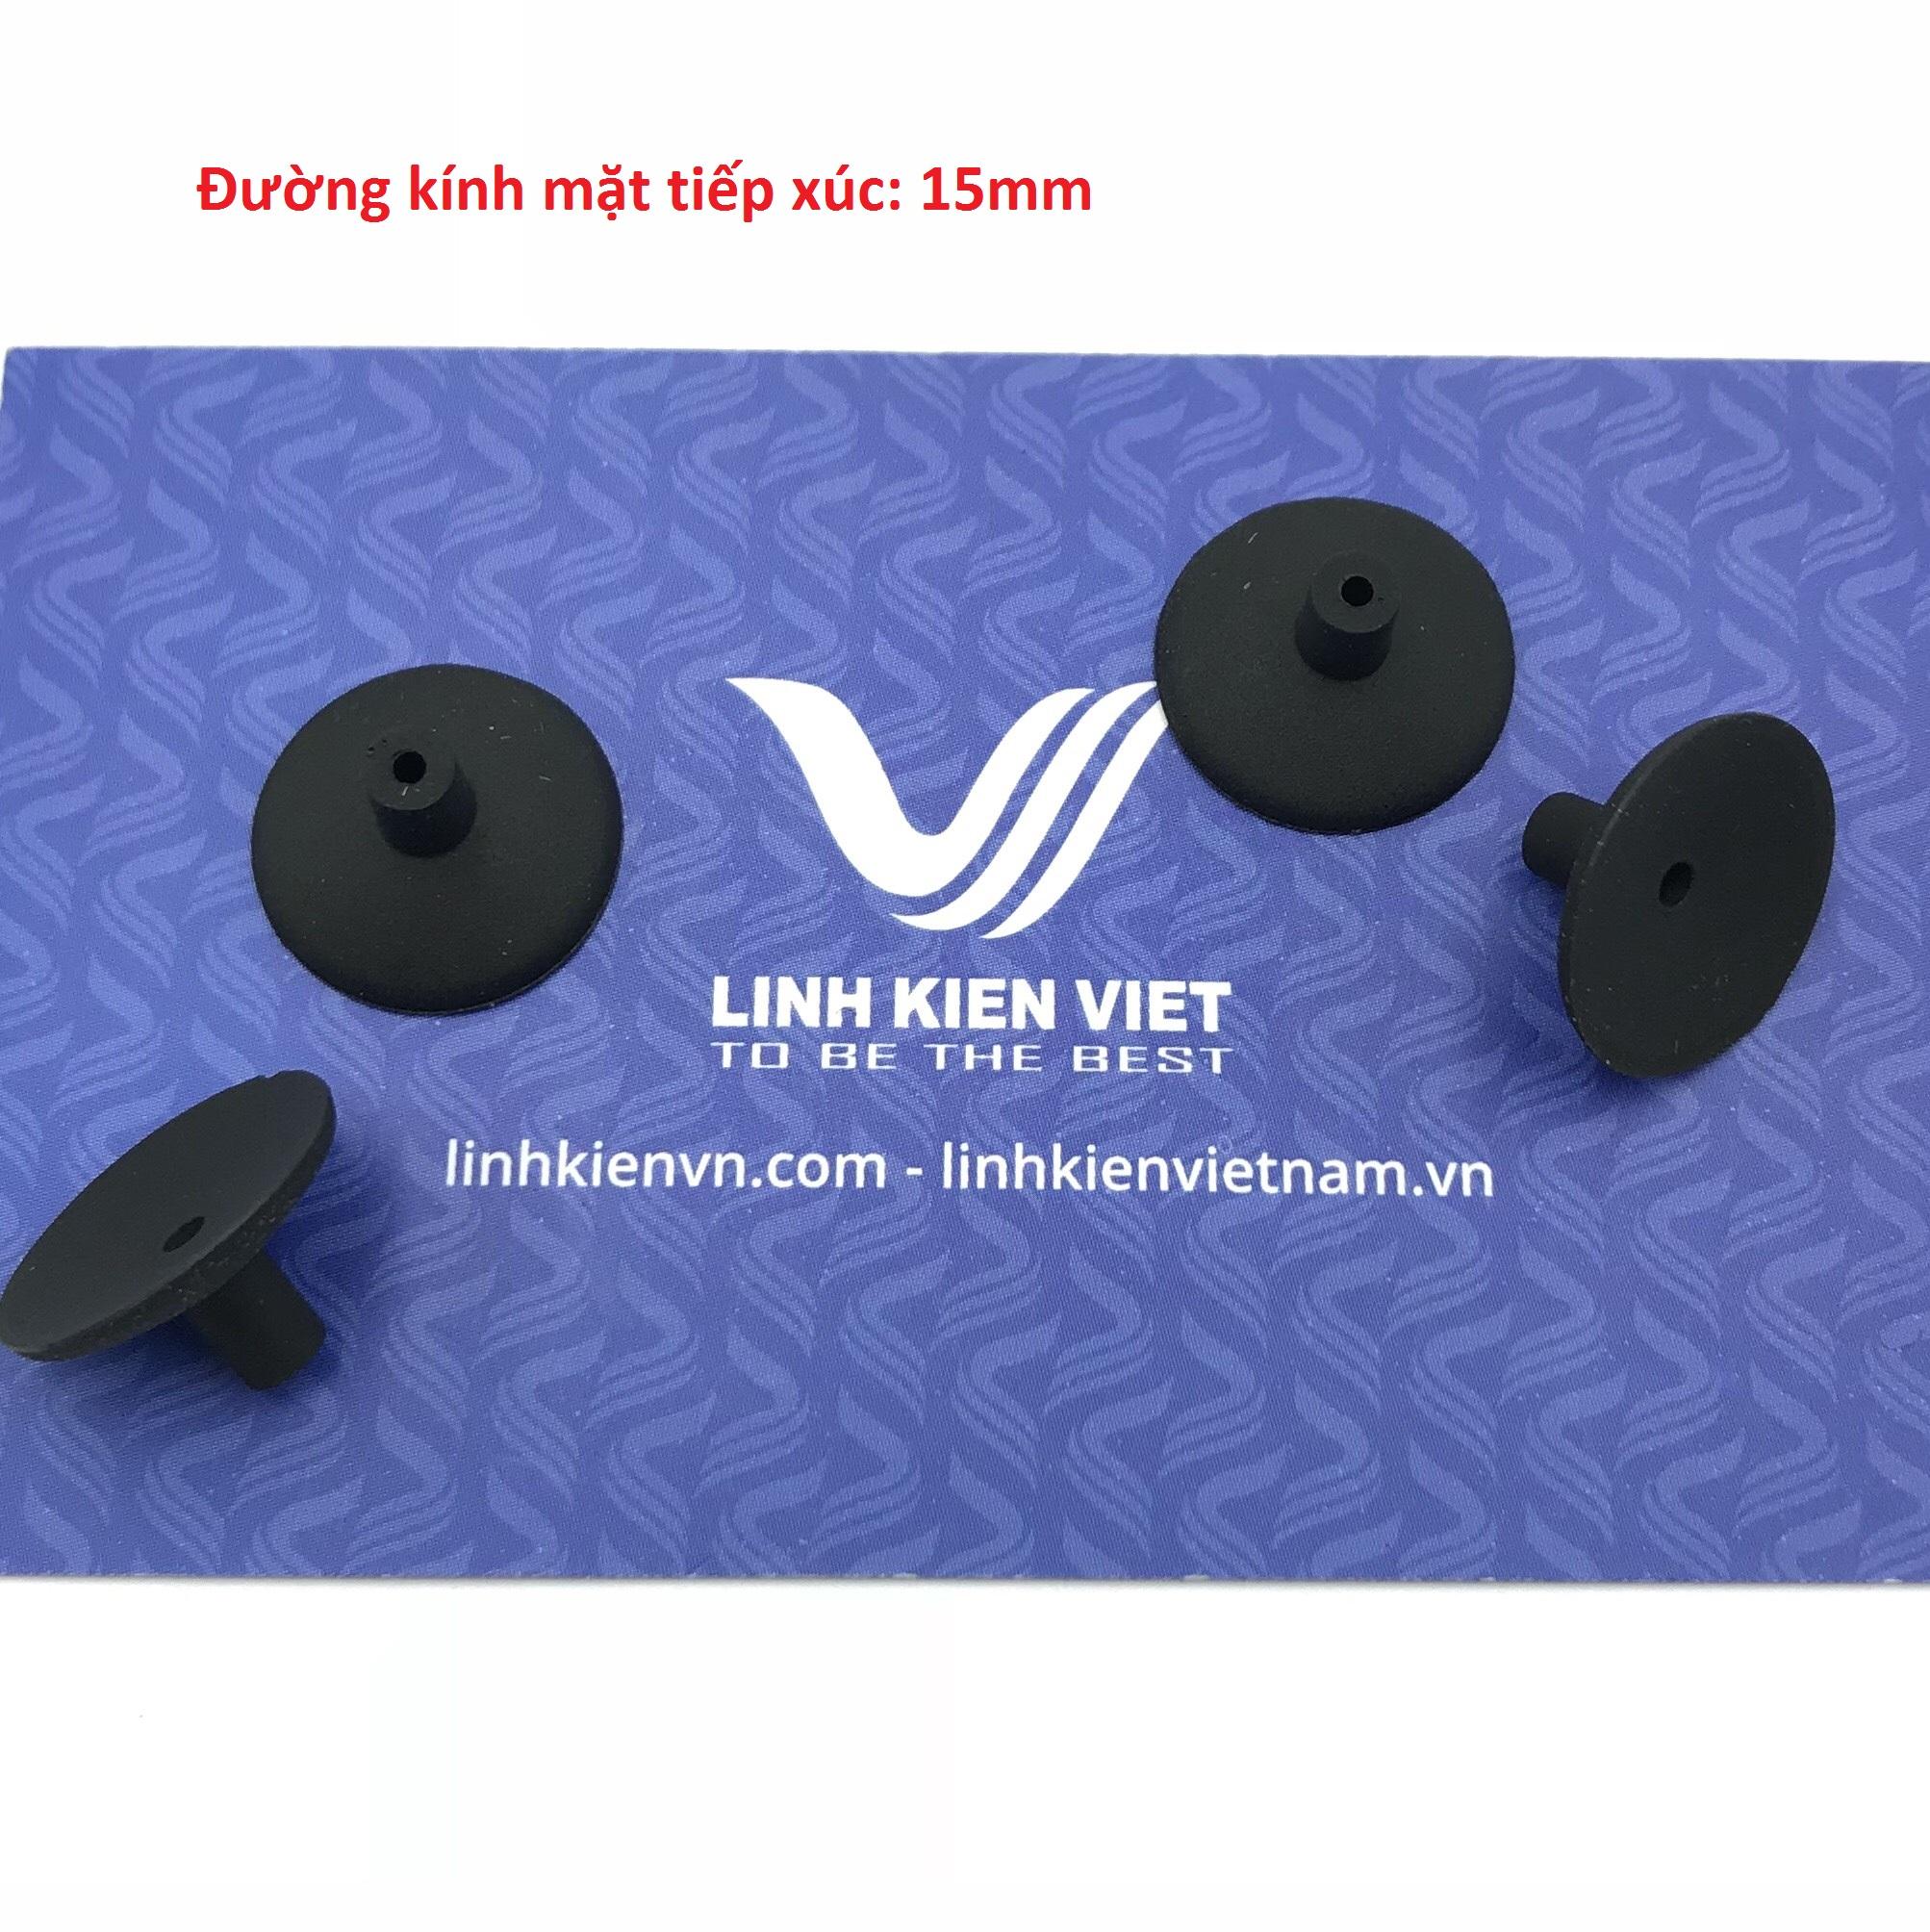 Giác hút chân không 15mm / đầu cao su cho máy hút chân không 15mm - K4H25